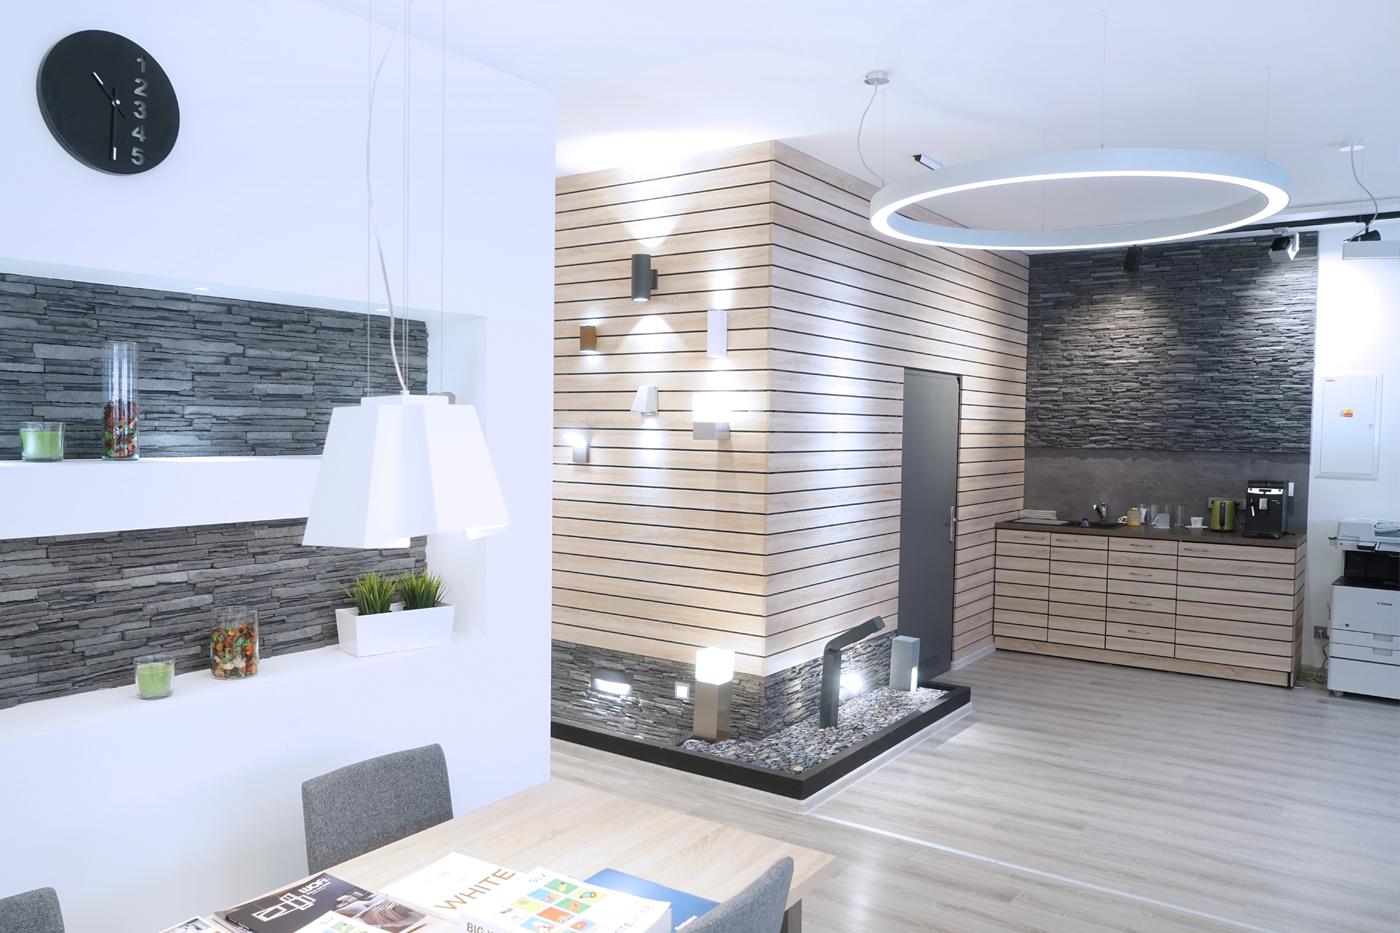 Venkovní a fasádní svítidla jsou prezentovány na zdi podobné moderní fasádě, která přechází do funkční kuchyňky.